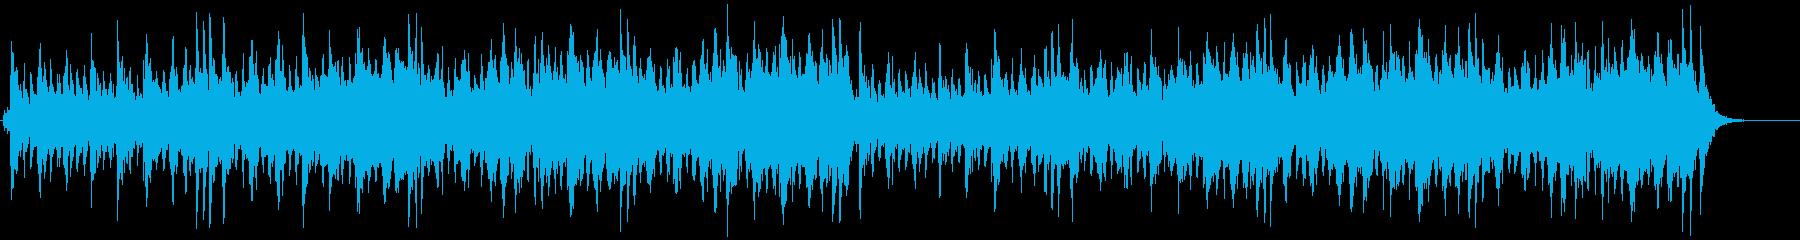 クリスマス感のあるメルヘンテイストBGMの再生済みの波形